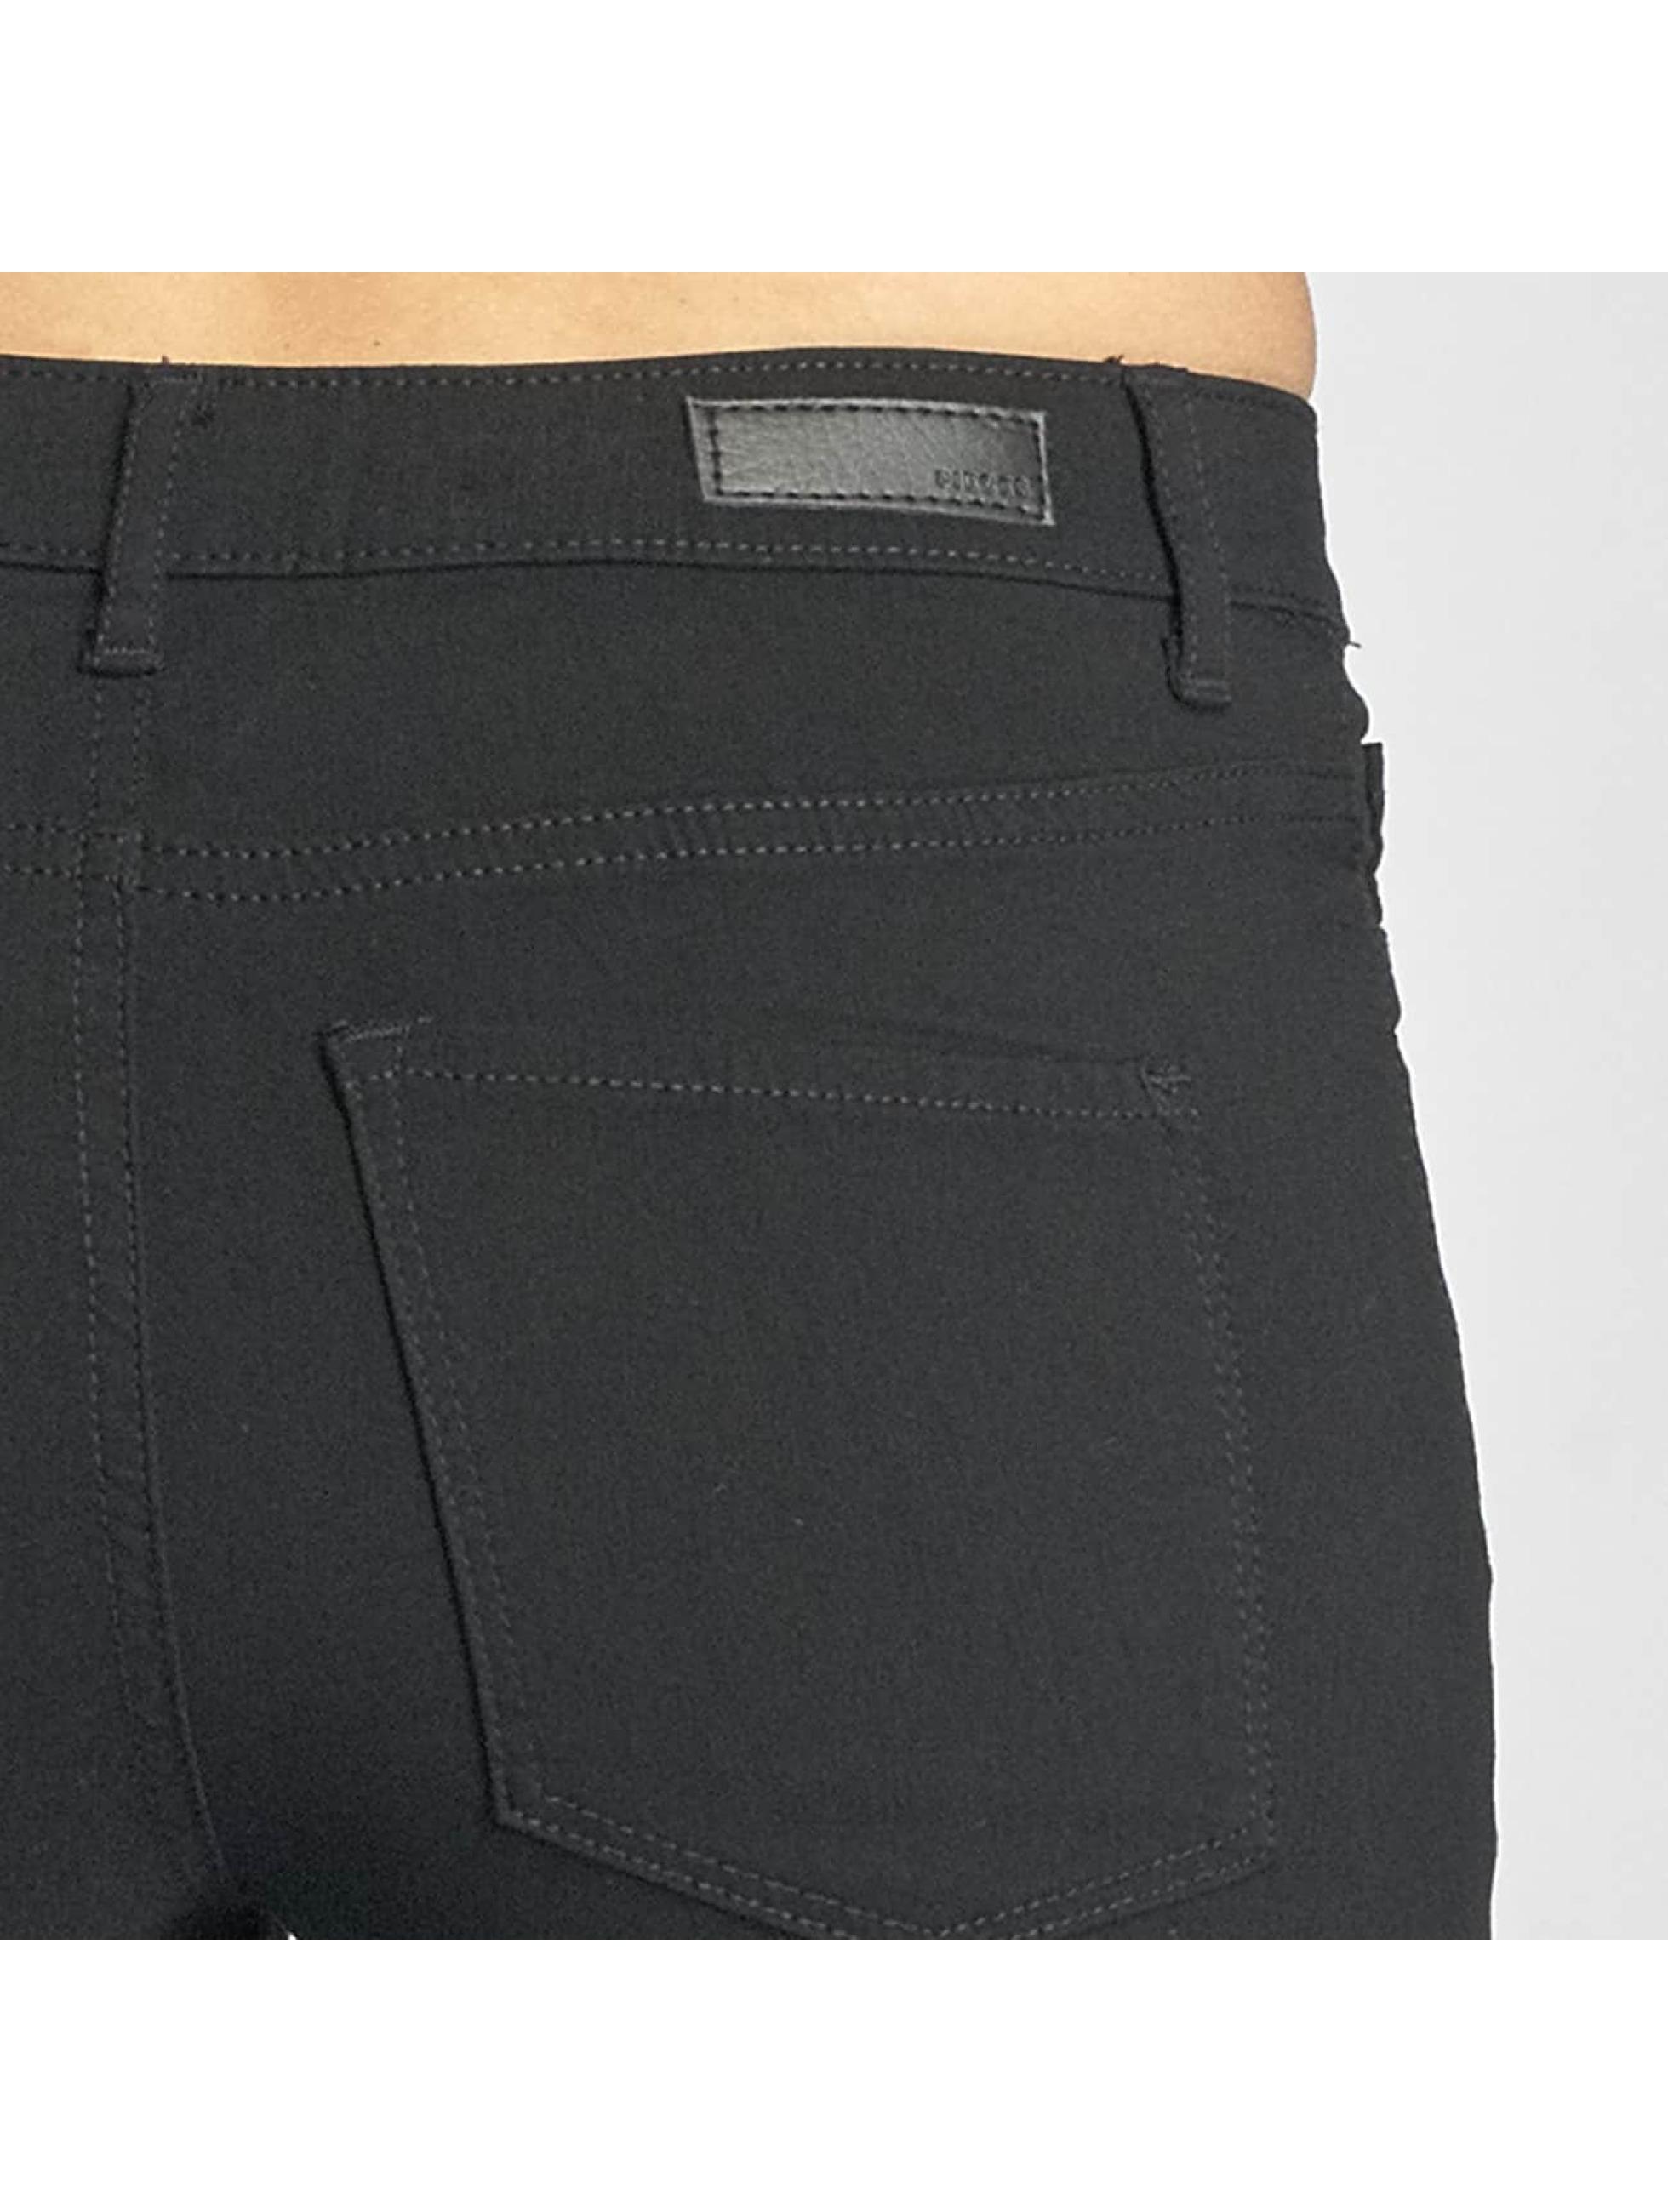 Pieces Legíny/Tregíny PCSkin Wear èierna